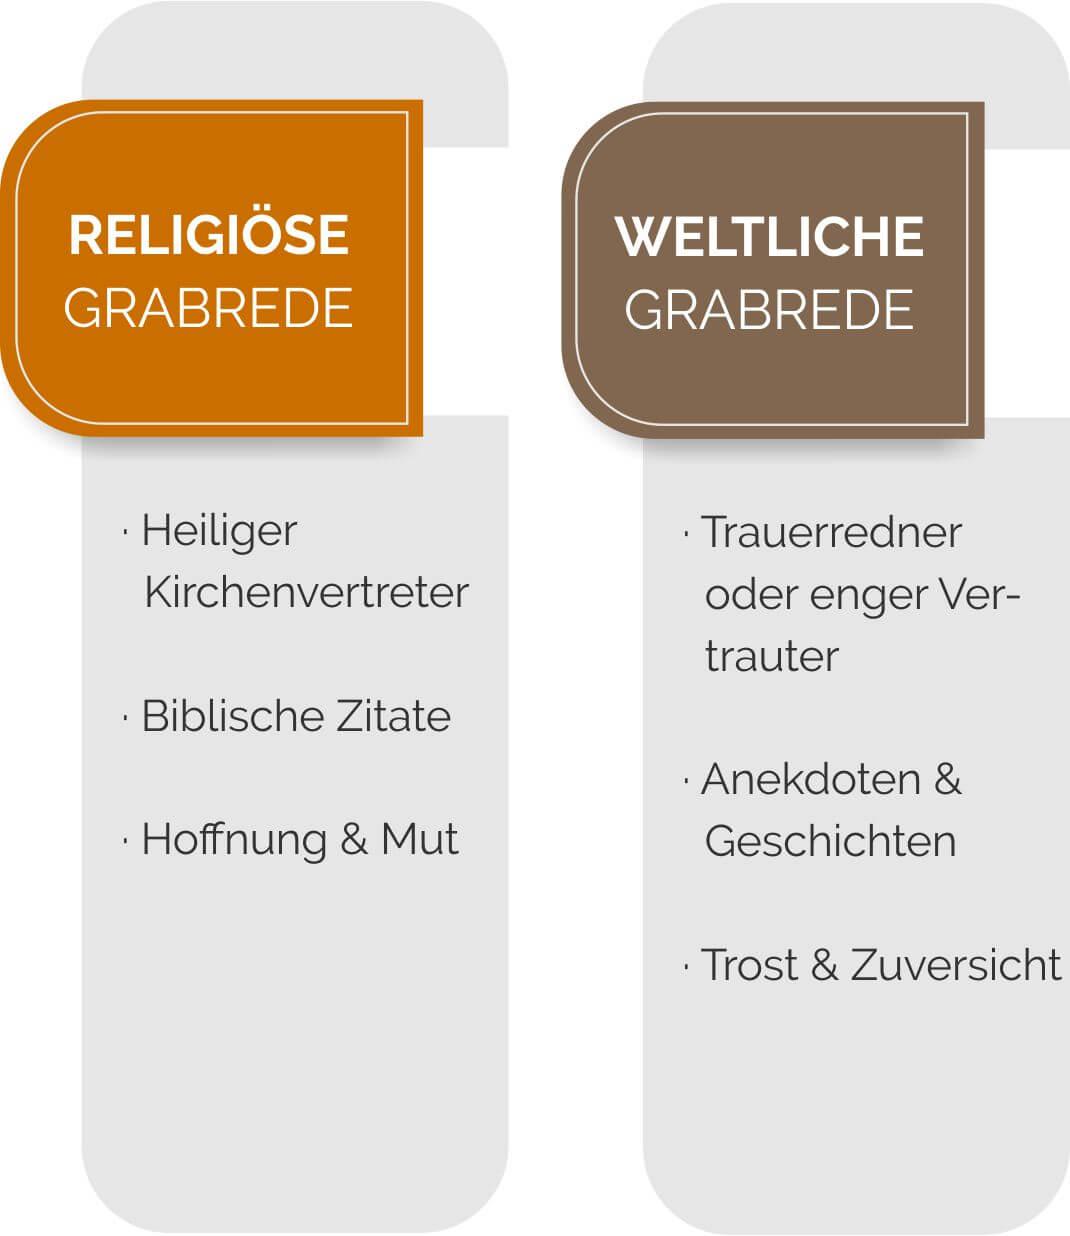 Vergleich von religiösen und weltlichen Grabreden